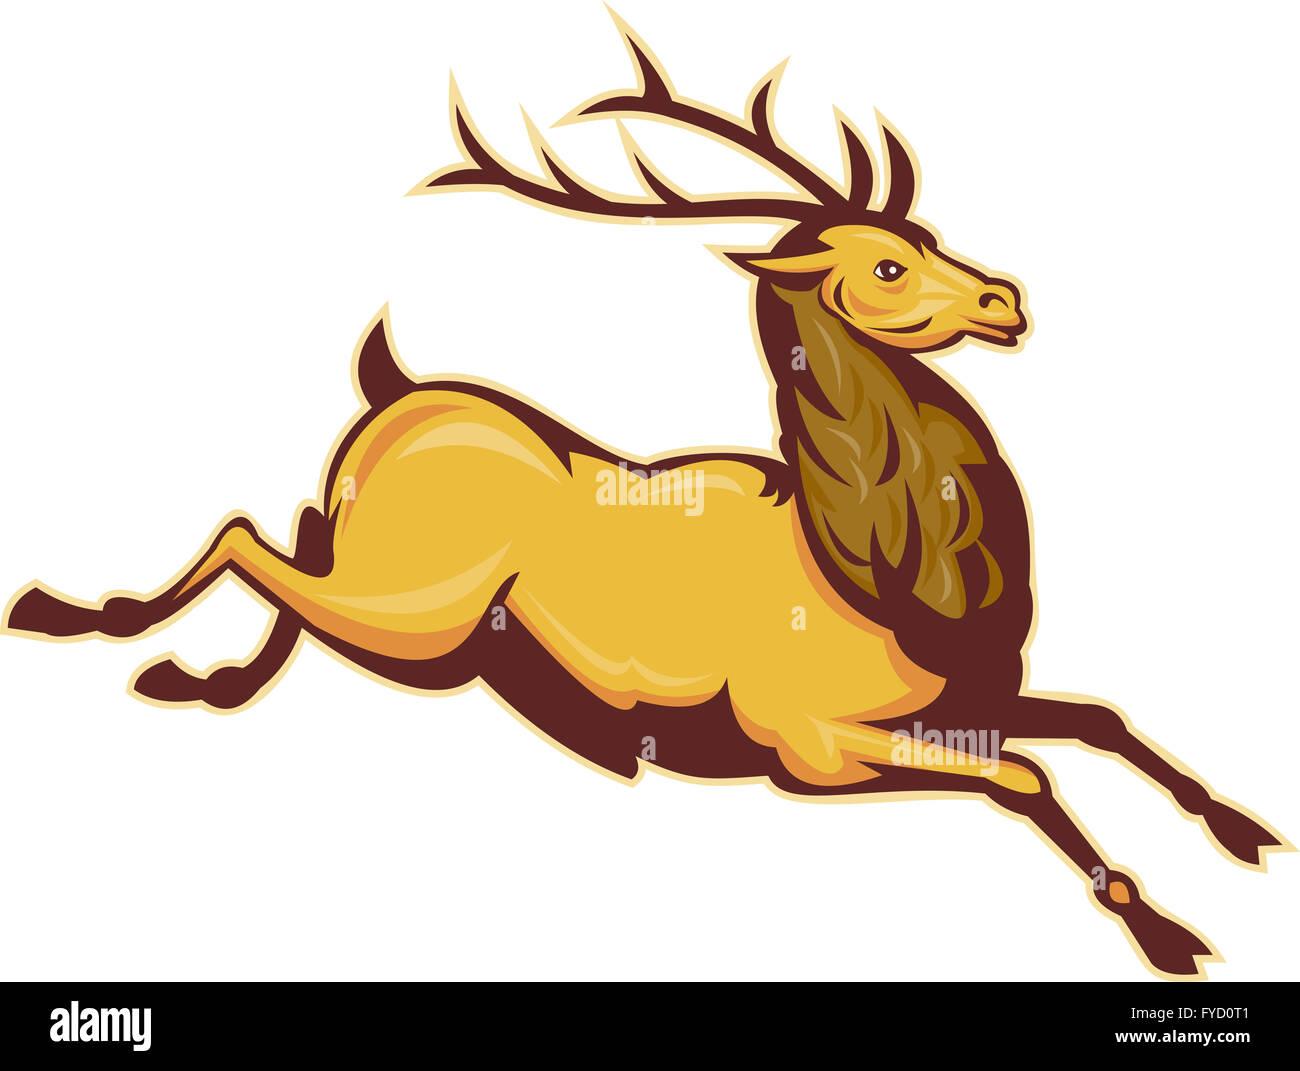 Jumping Deer Stock Photos & Jumping Deer Stock Images - Alamy